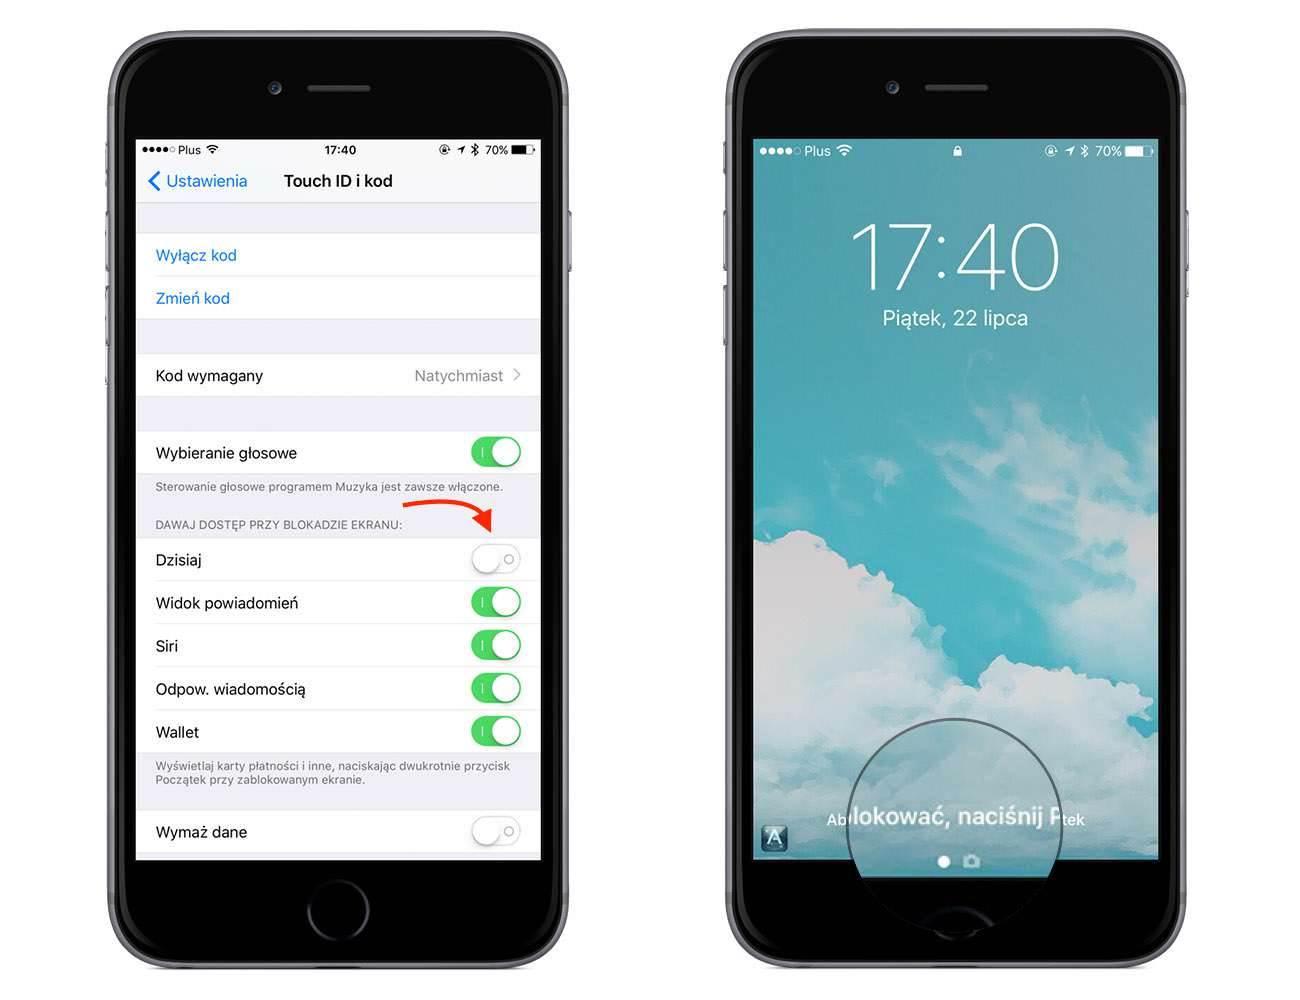 iOS 10 - zobacz jak wyłączyć dostęp do widgetów z zablokowanego ekranu w iPhone, iPad poradniki, ciekawostki widzety, widgety, jak zablokować dostęp do widgetów na iphone, jak wyłączyć widgety na zablokowanym ekranie, iOS 10, Apple  Denerwuje Was to, że każda osoba, która weźmie Wasze iUrządzenie do ręki ma dostęp do widgetów bezpośrednio z zablokowanego ekranu bez odblokowania telefonu? Jeśli tak to ten wpis jest władnie dla Was. widgety